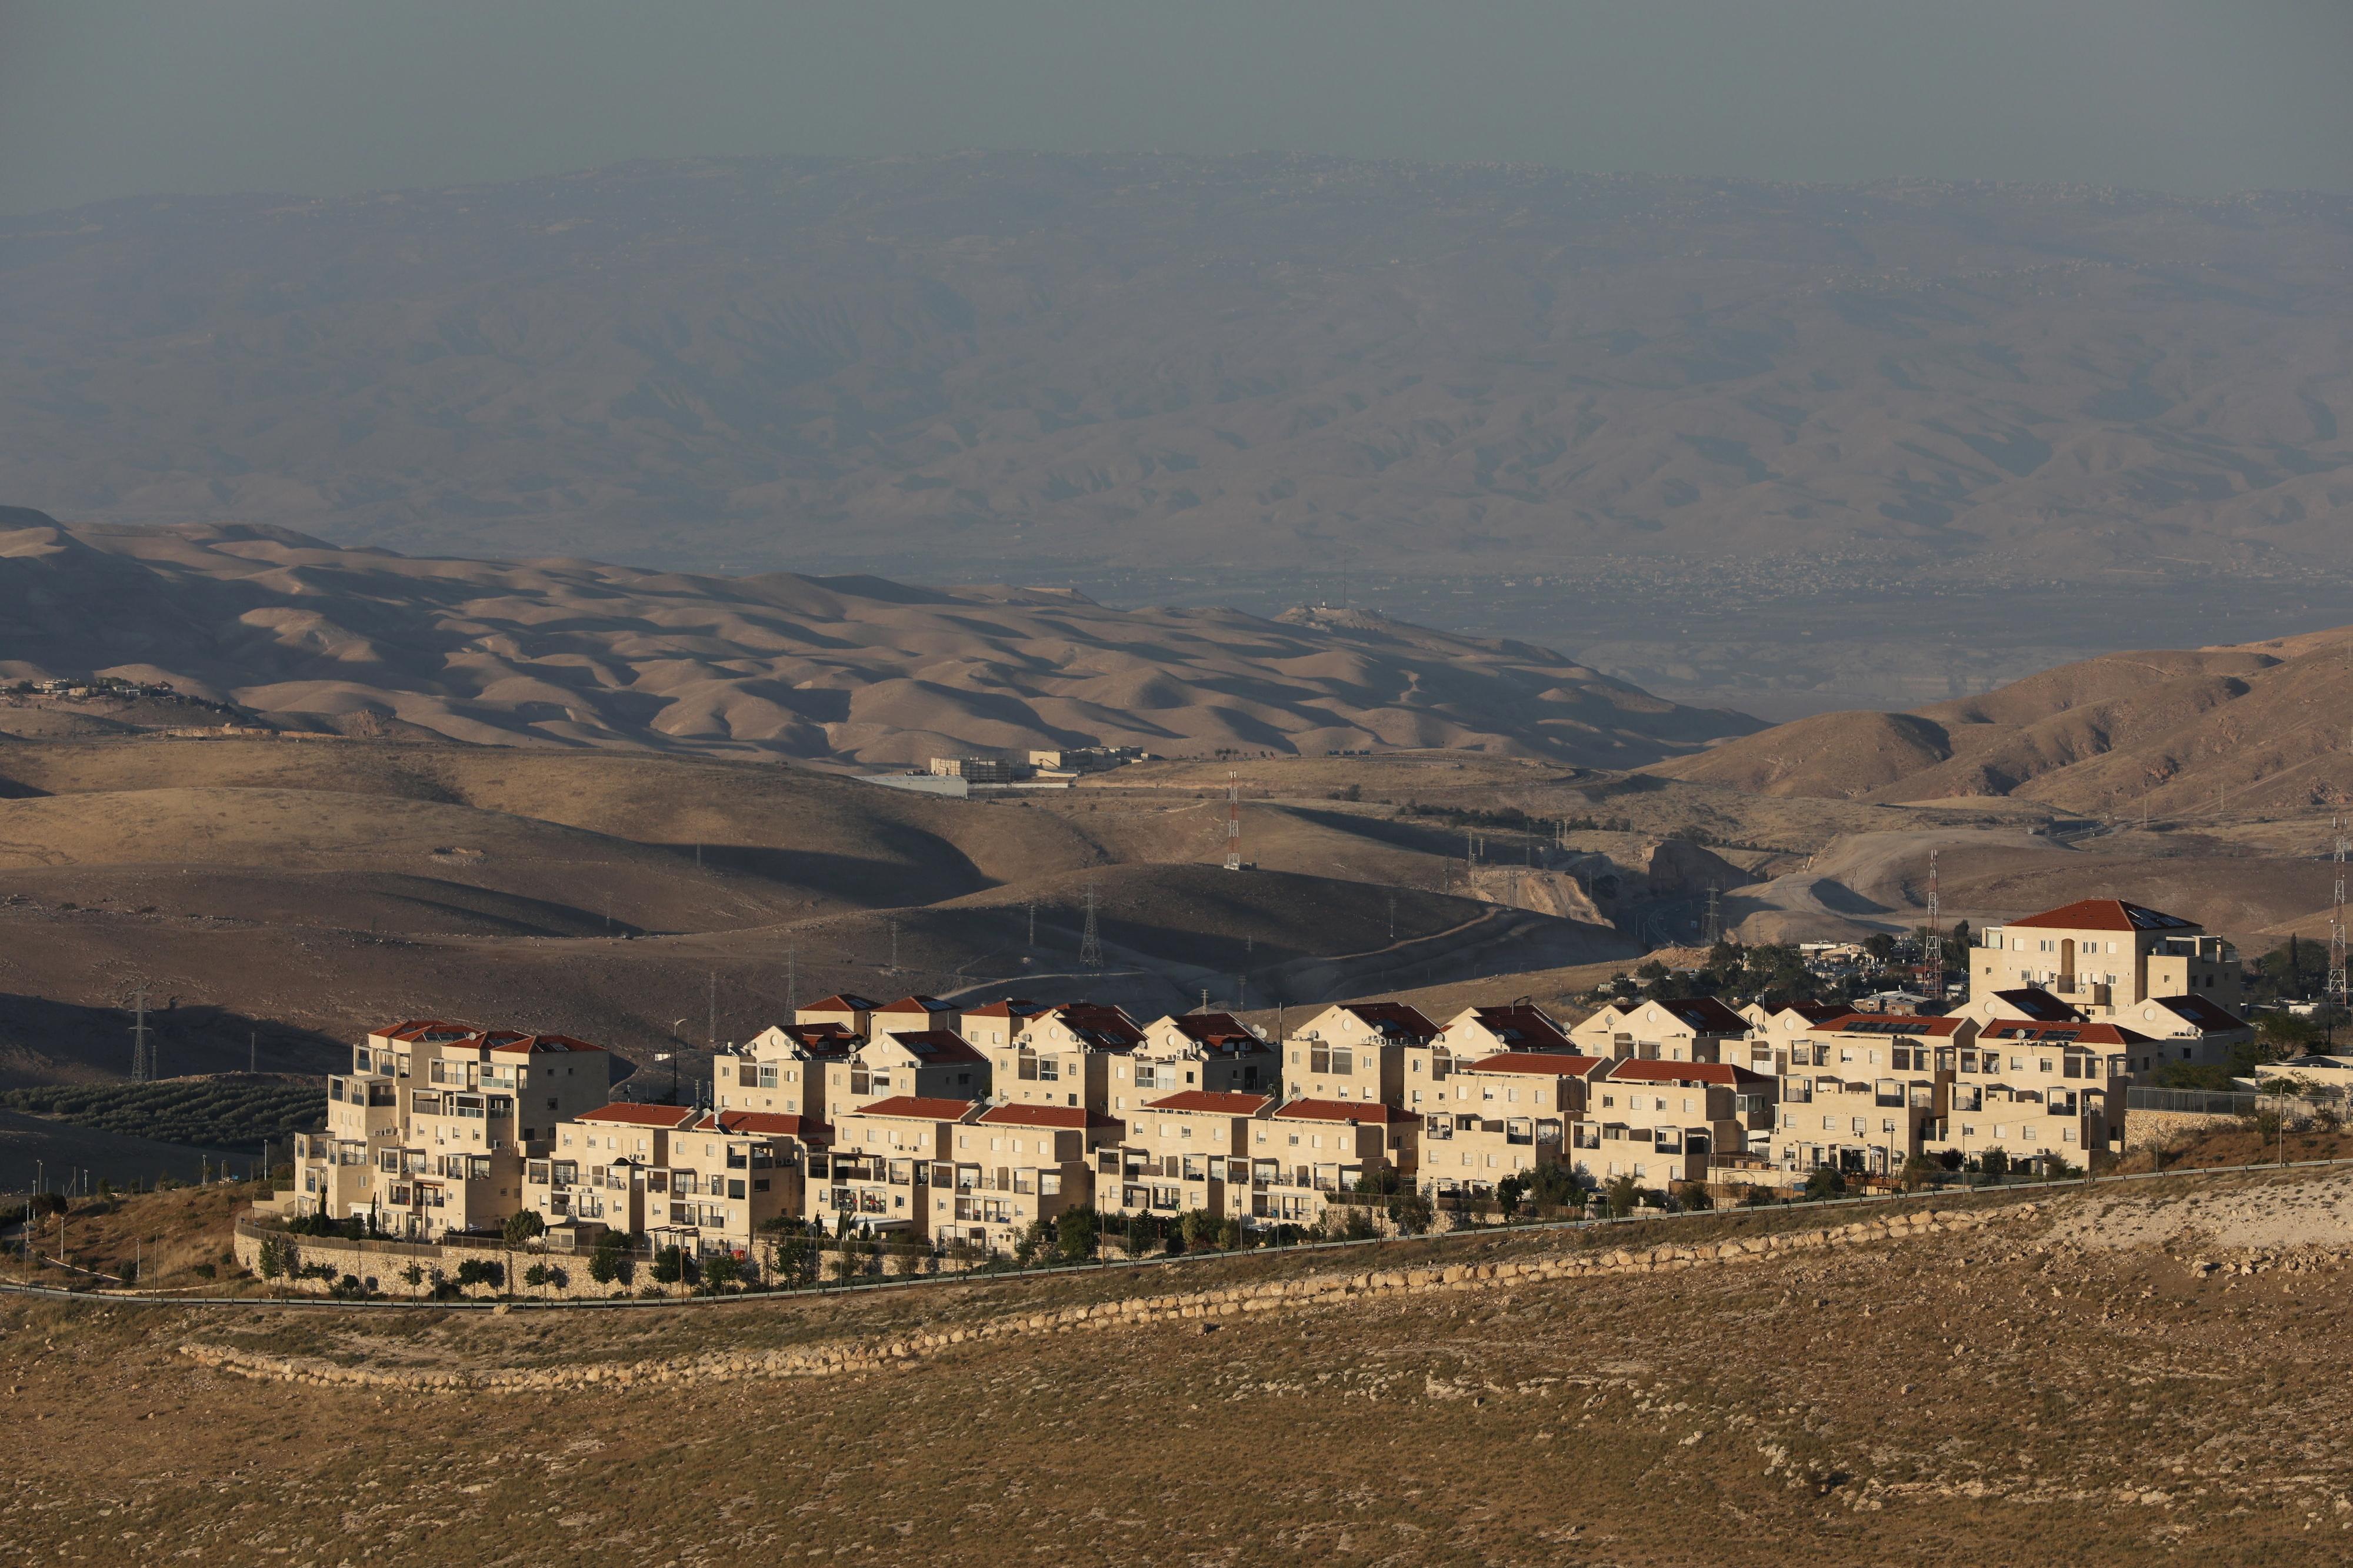 """ONU responde à mudança de posição dos EUA em relação aos colonatos israelitas na Cisjordânia: """"a mudança de posição política de um Estado não modifica as leis internacionais"""""""